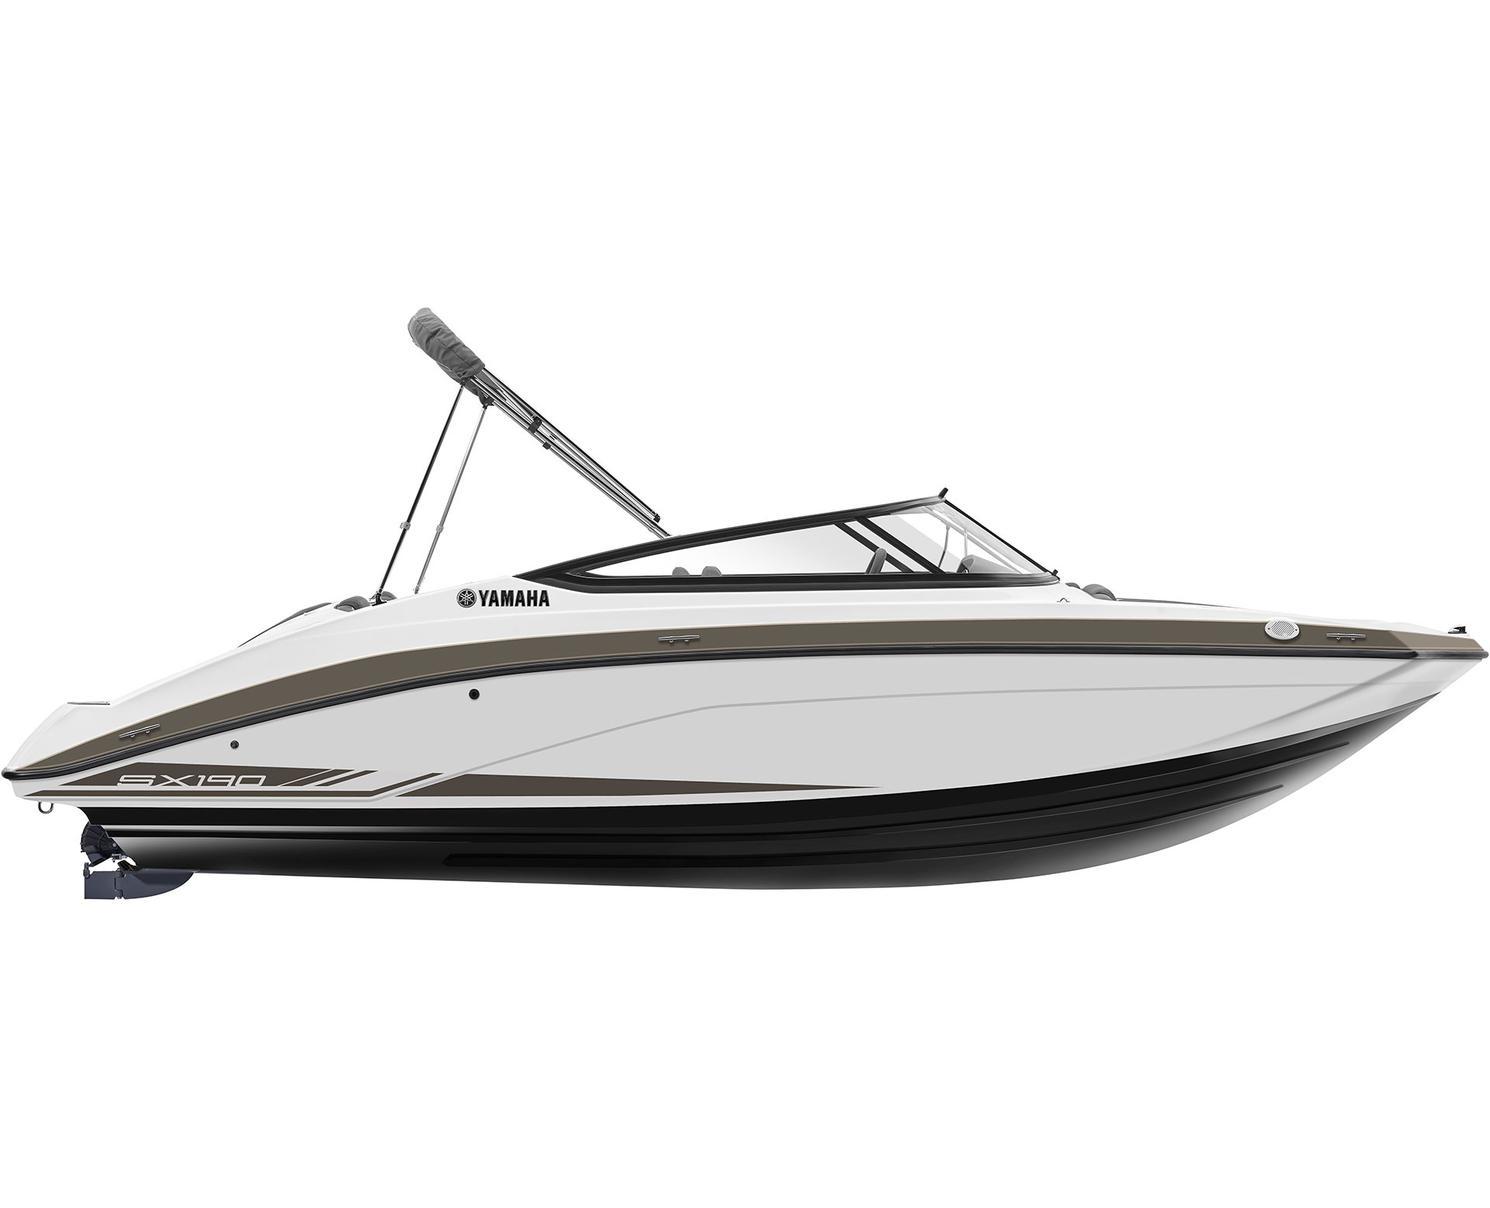 2022 Yamaha SX190 Seaglass Grey